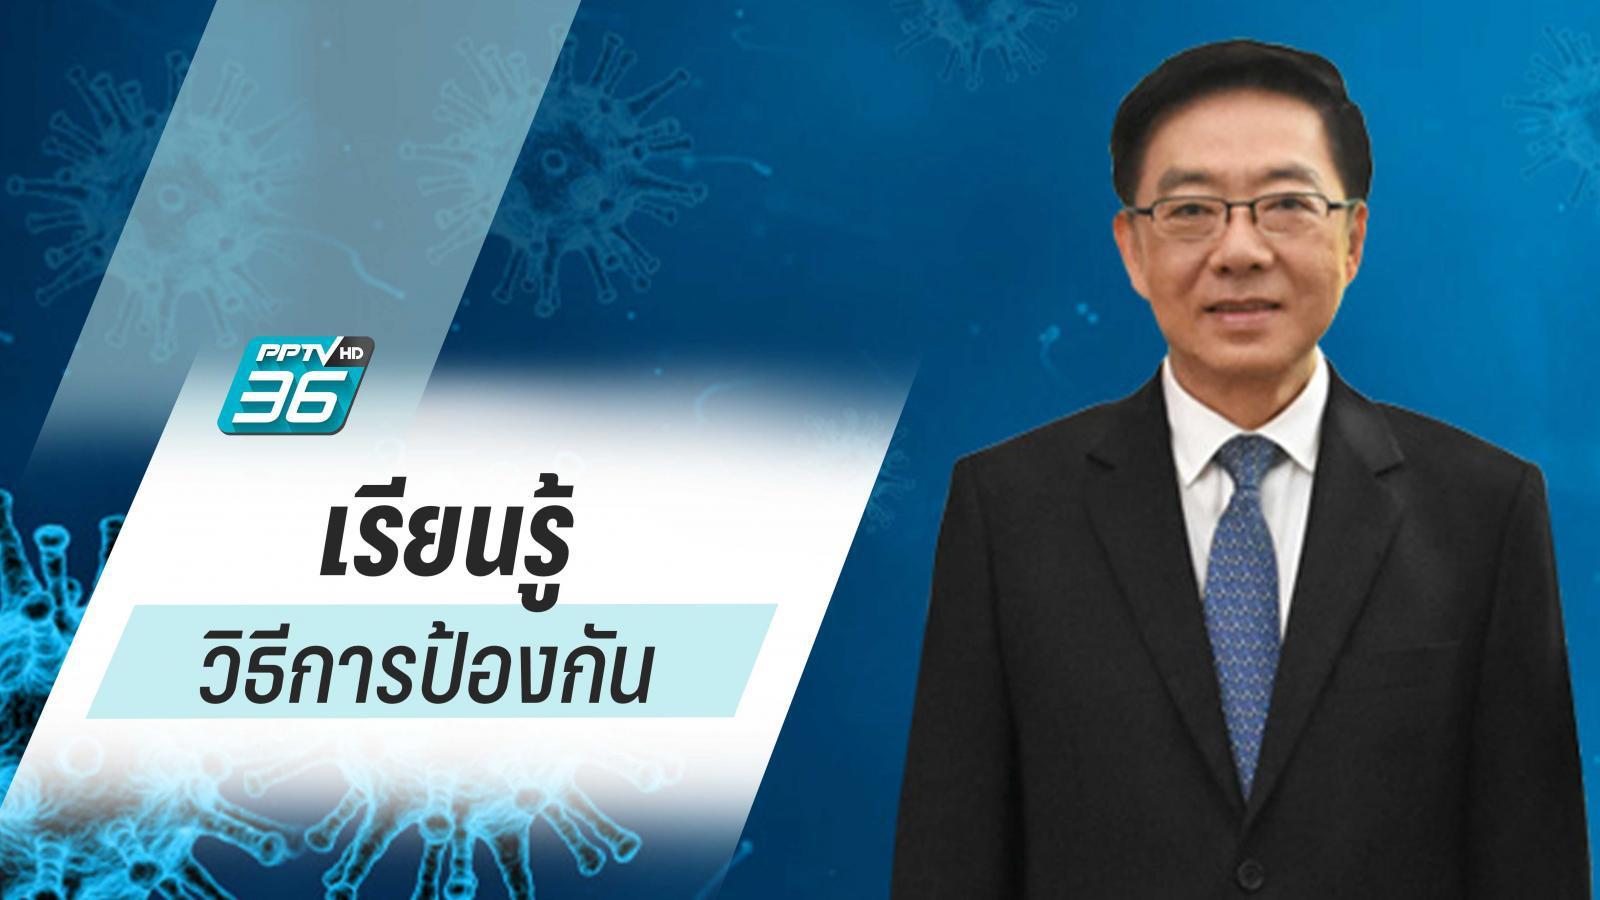 อดีตรมว.สธ. แนะ คนไทยเรียนรู้วิธีการป้องกัน ติดเชื้อไวรัสโคโรนา